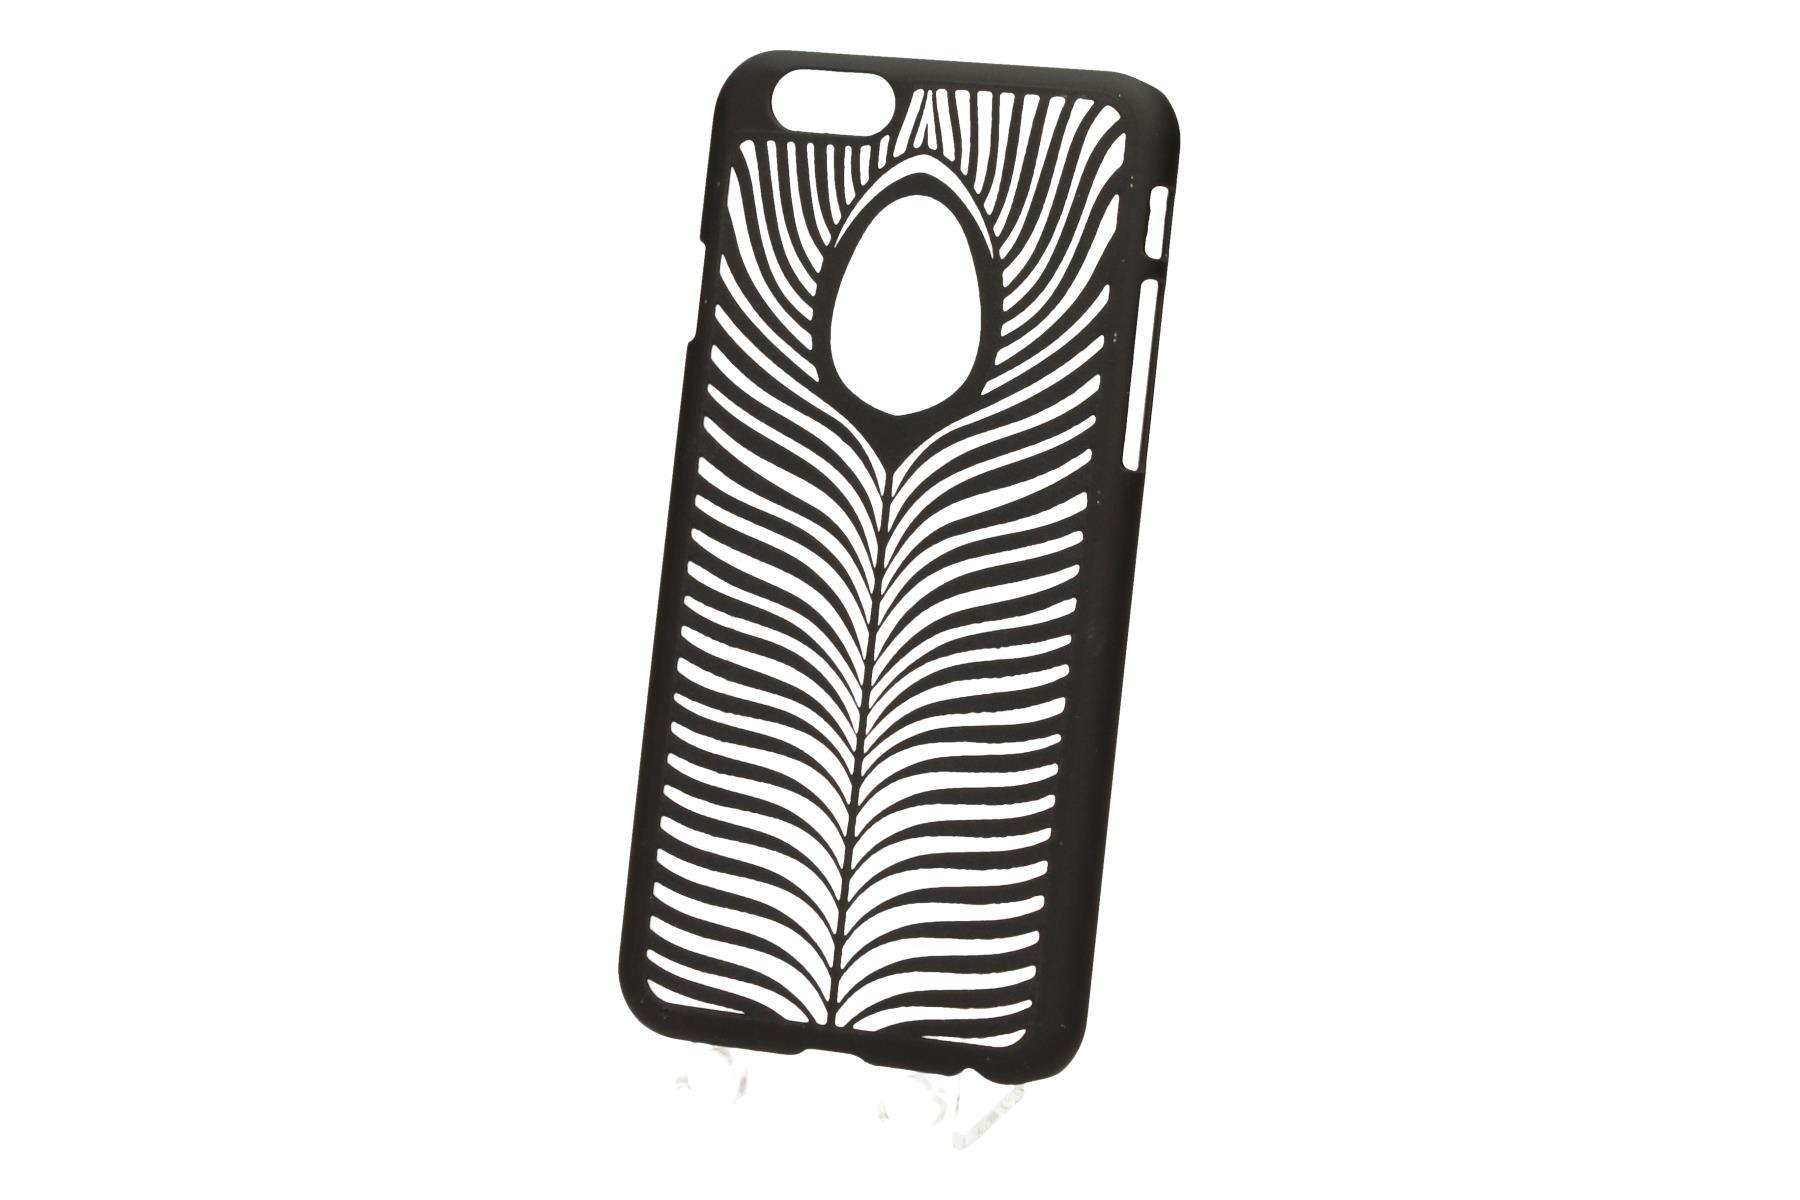 TB Touch pouzdro pro Iphone 6 černá